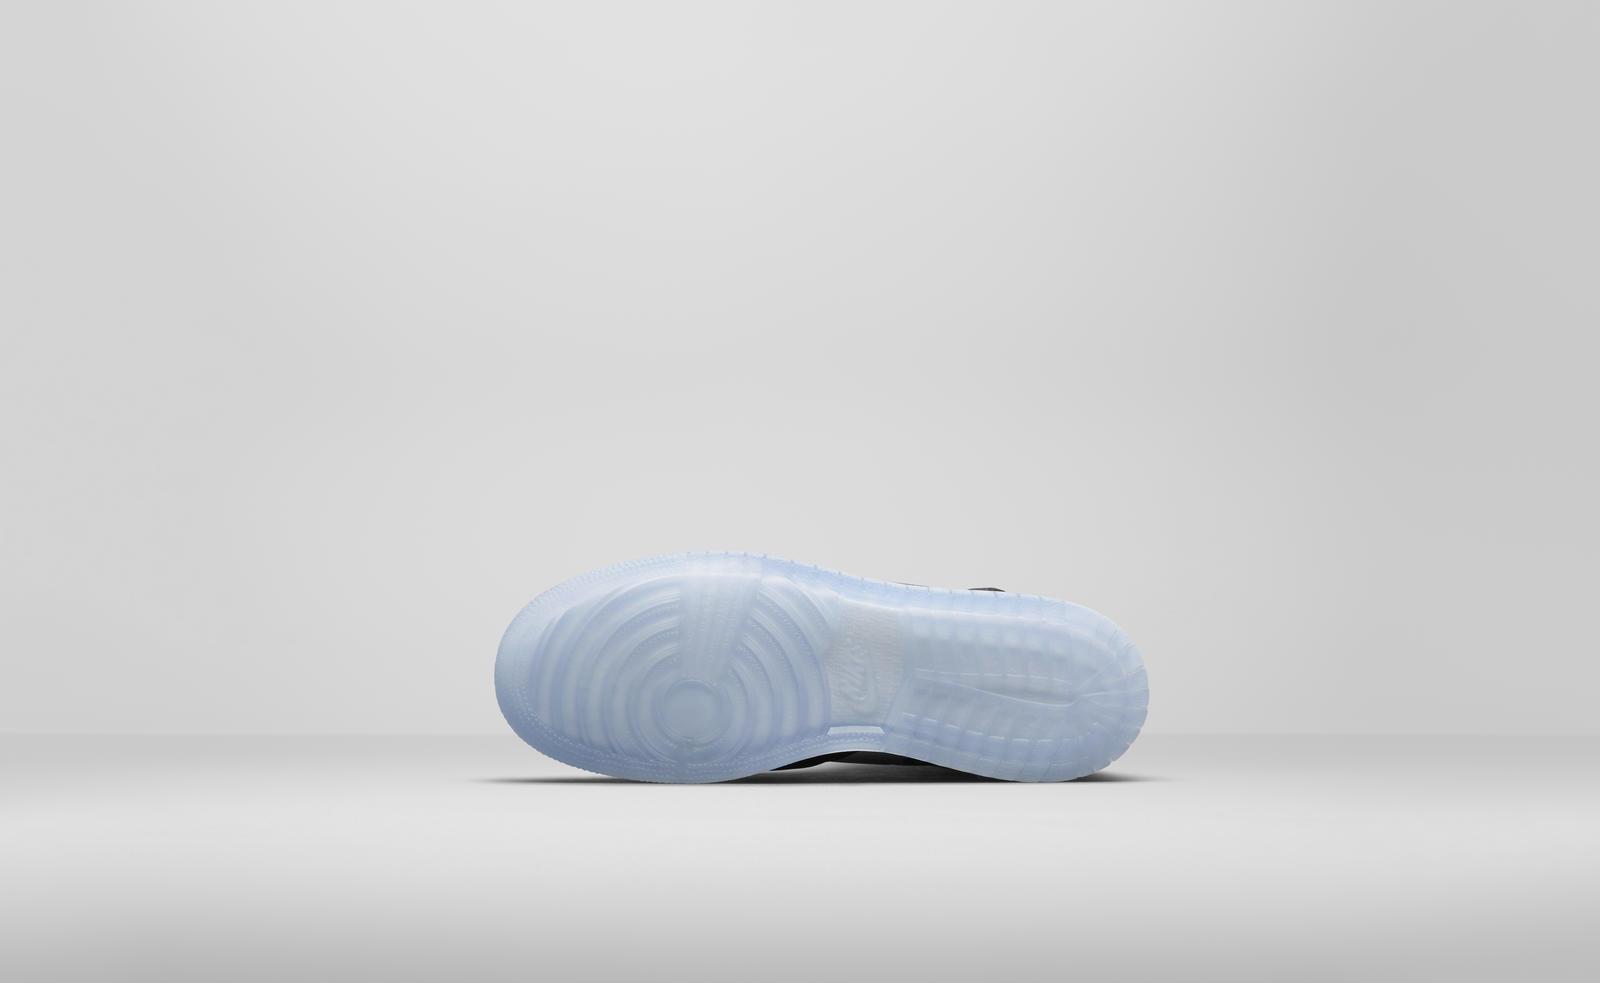 online store 454e1 603e4 Air Jordan Rebel Concord outsole - WearTesters